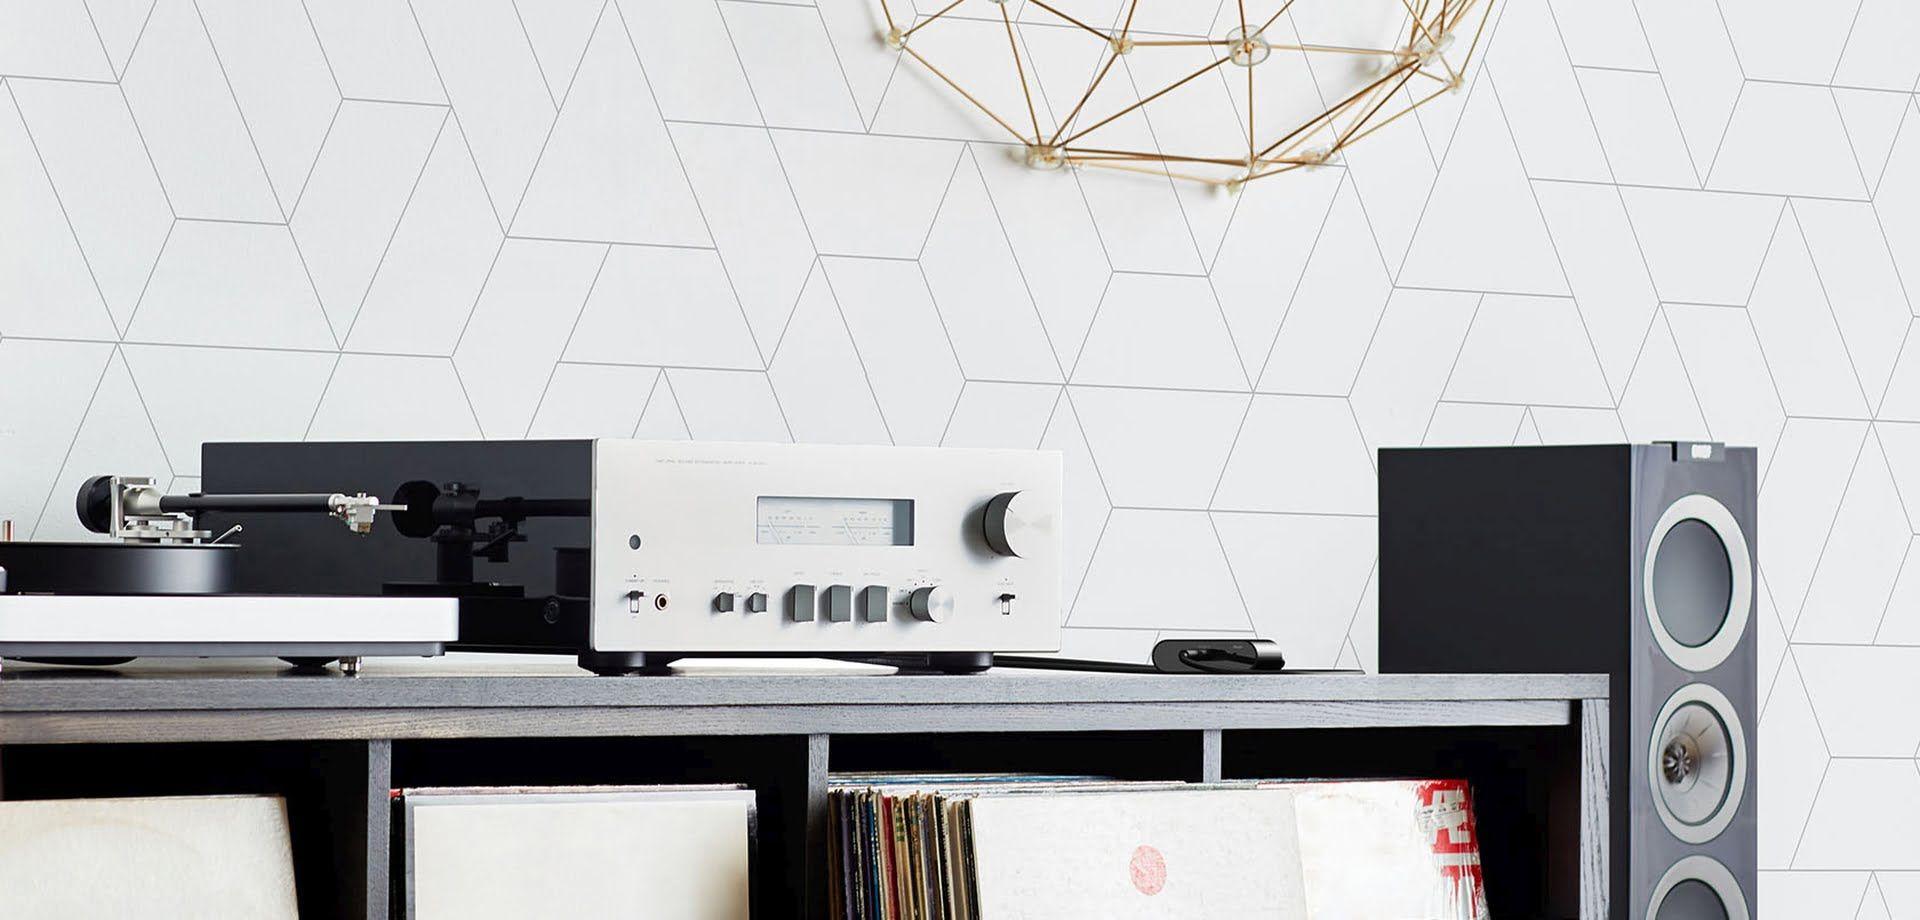 Adapter audio z AirPlay 2 i HomeKit od firmy Belkin